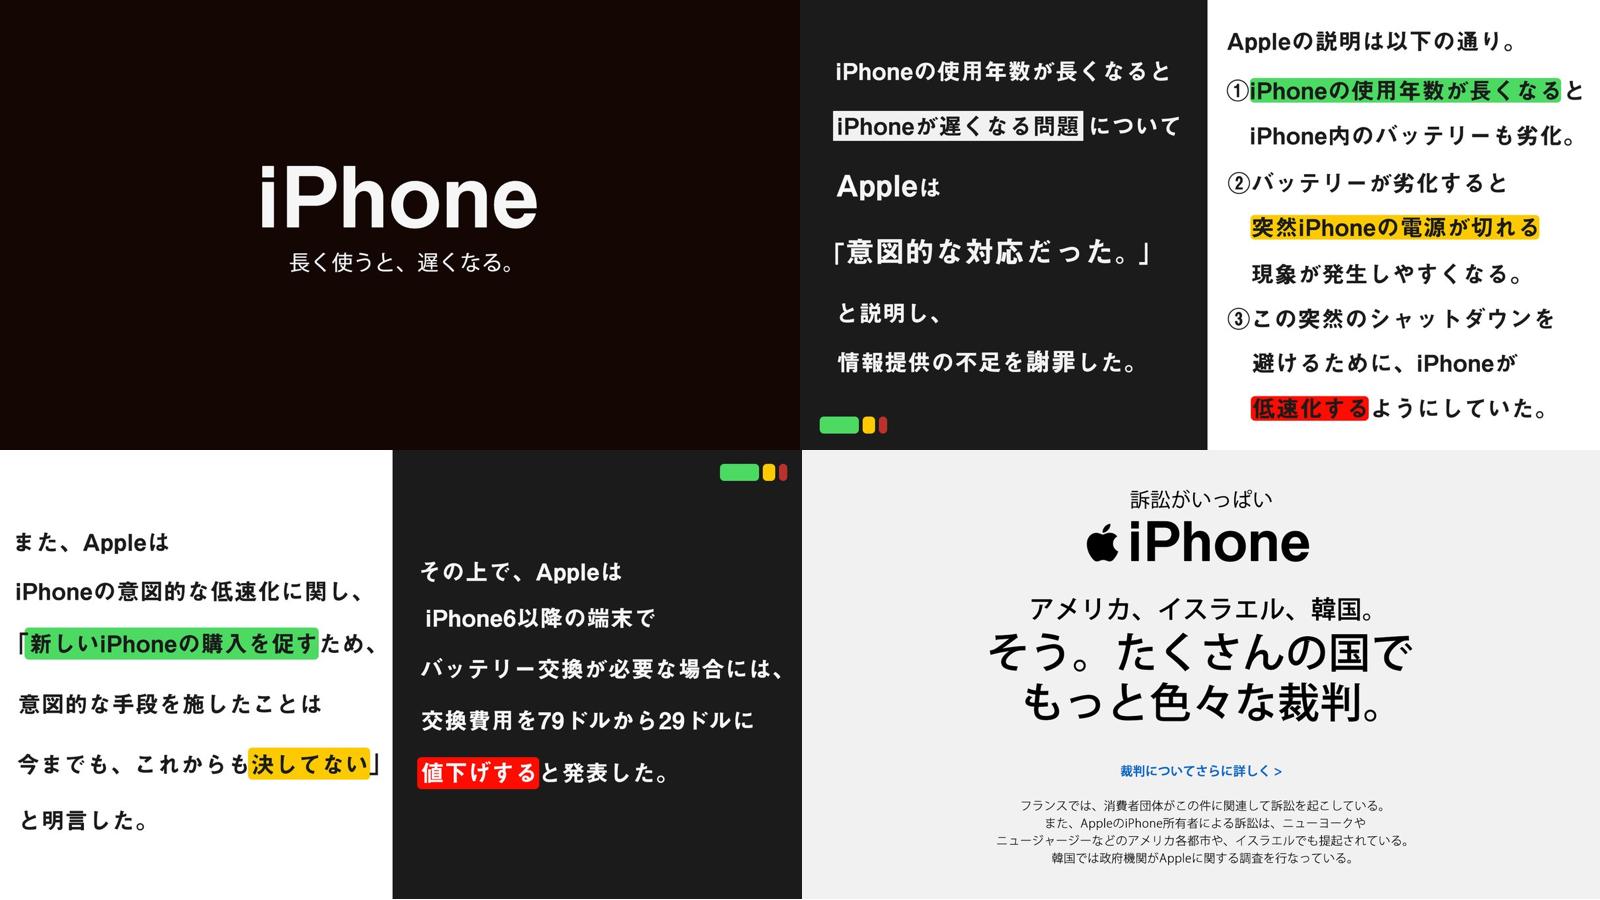 7fb8f1c748d490339c64aa37f2515920 1 - iPhone 長く使うと遅くなる